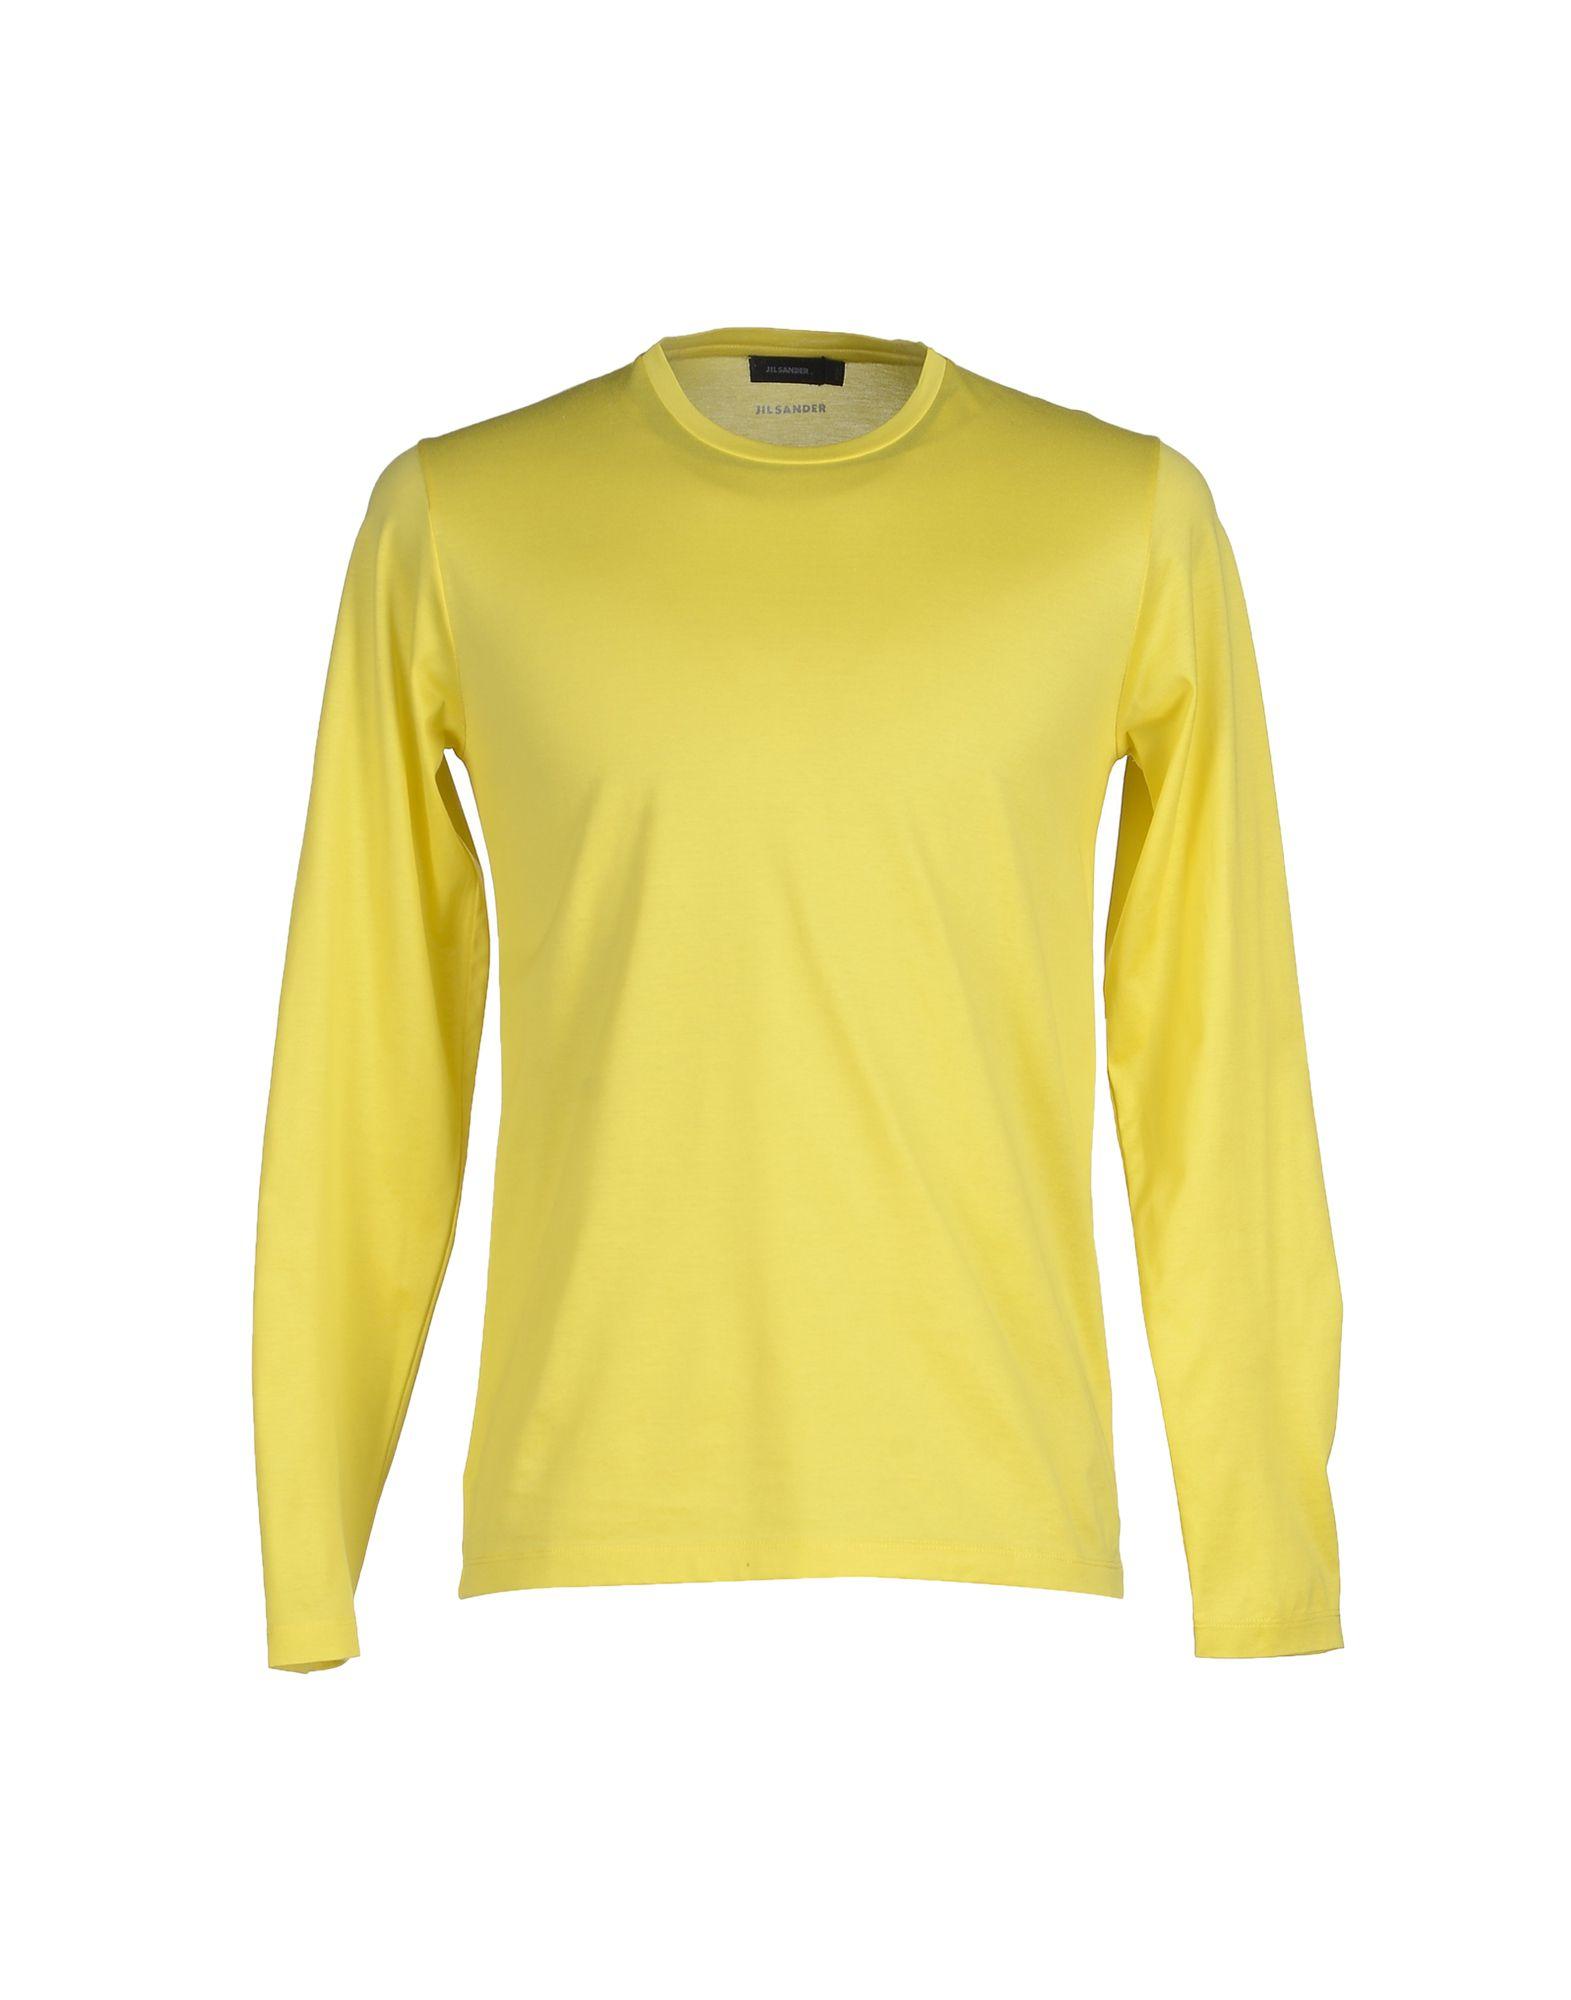 Jil sander t shirt in yellow for men lyst for Jil sander mens shirt